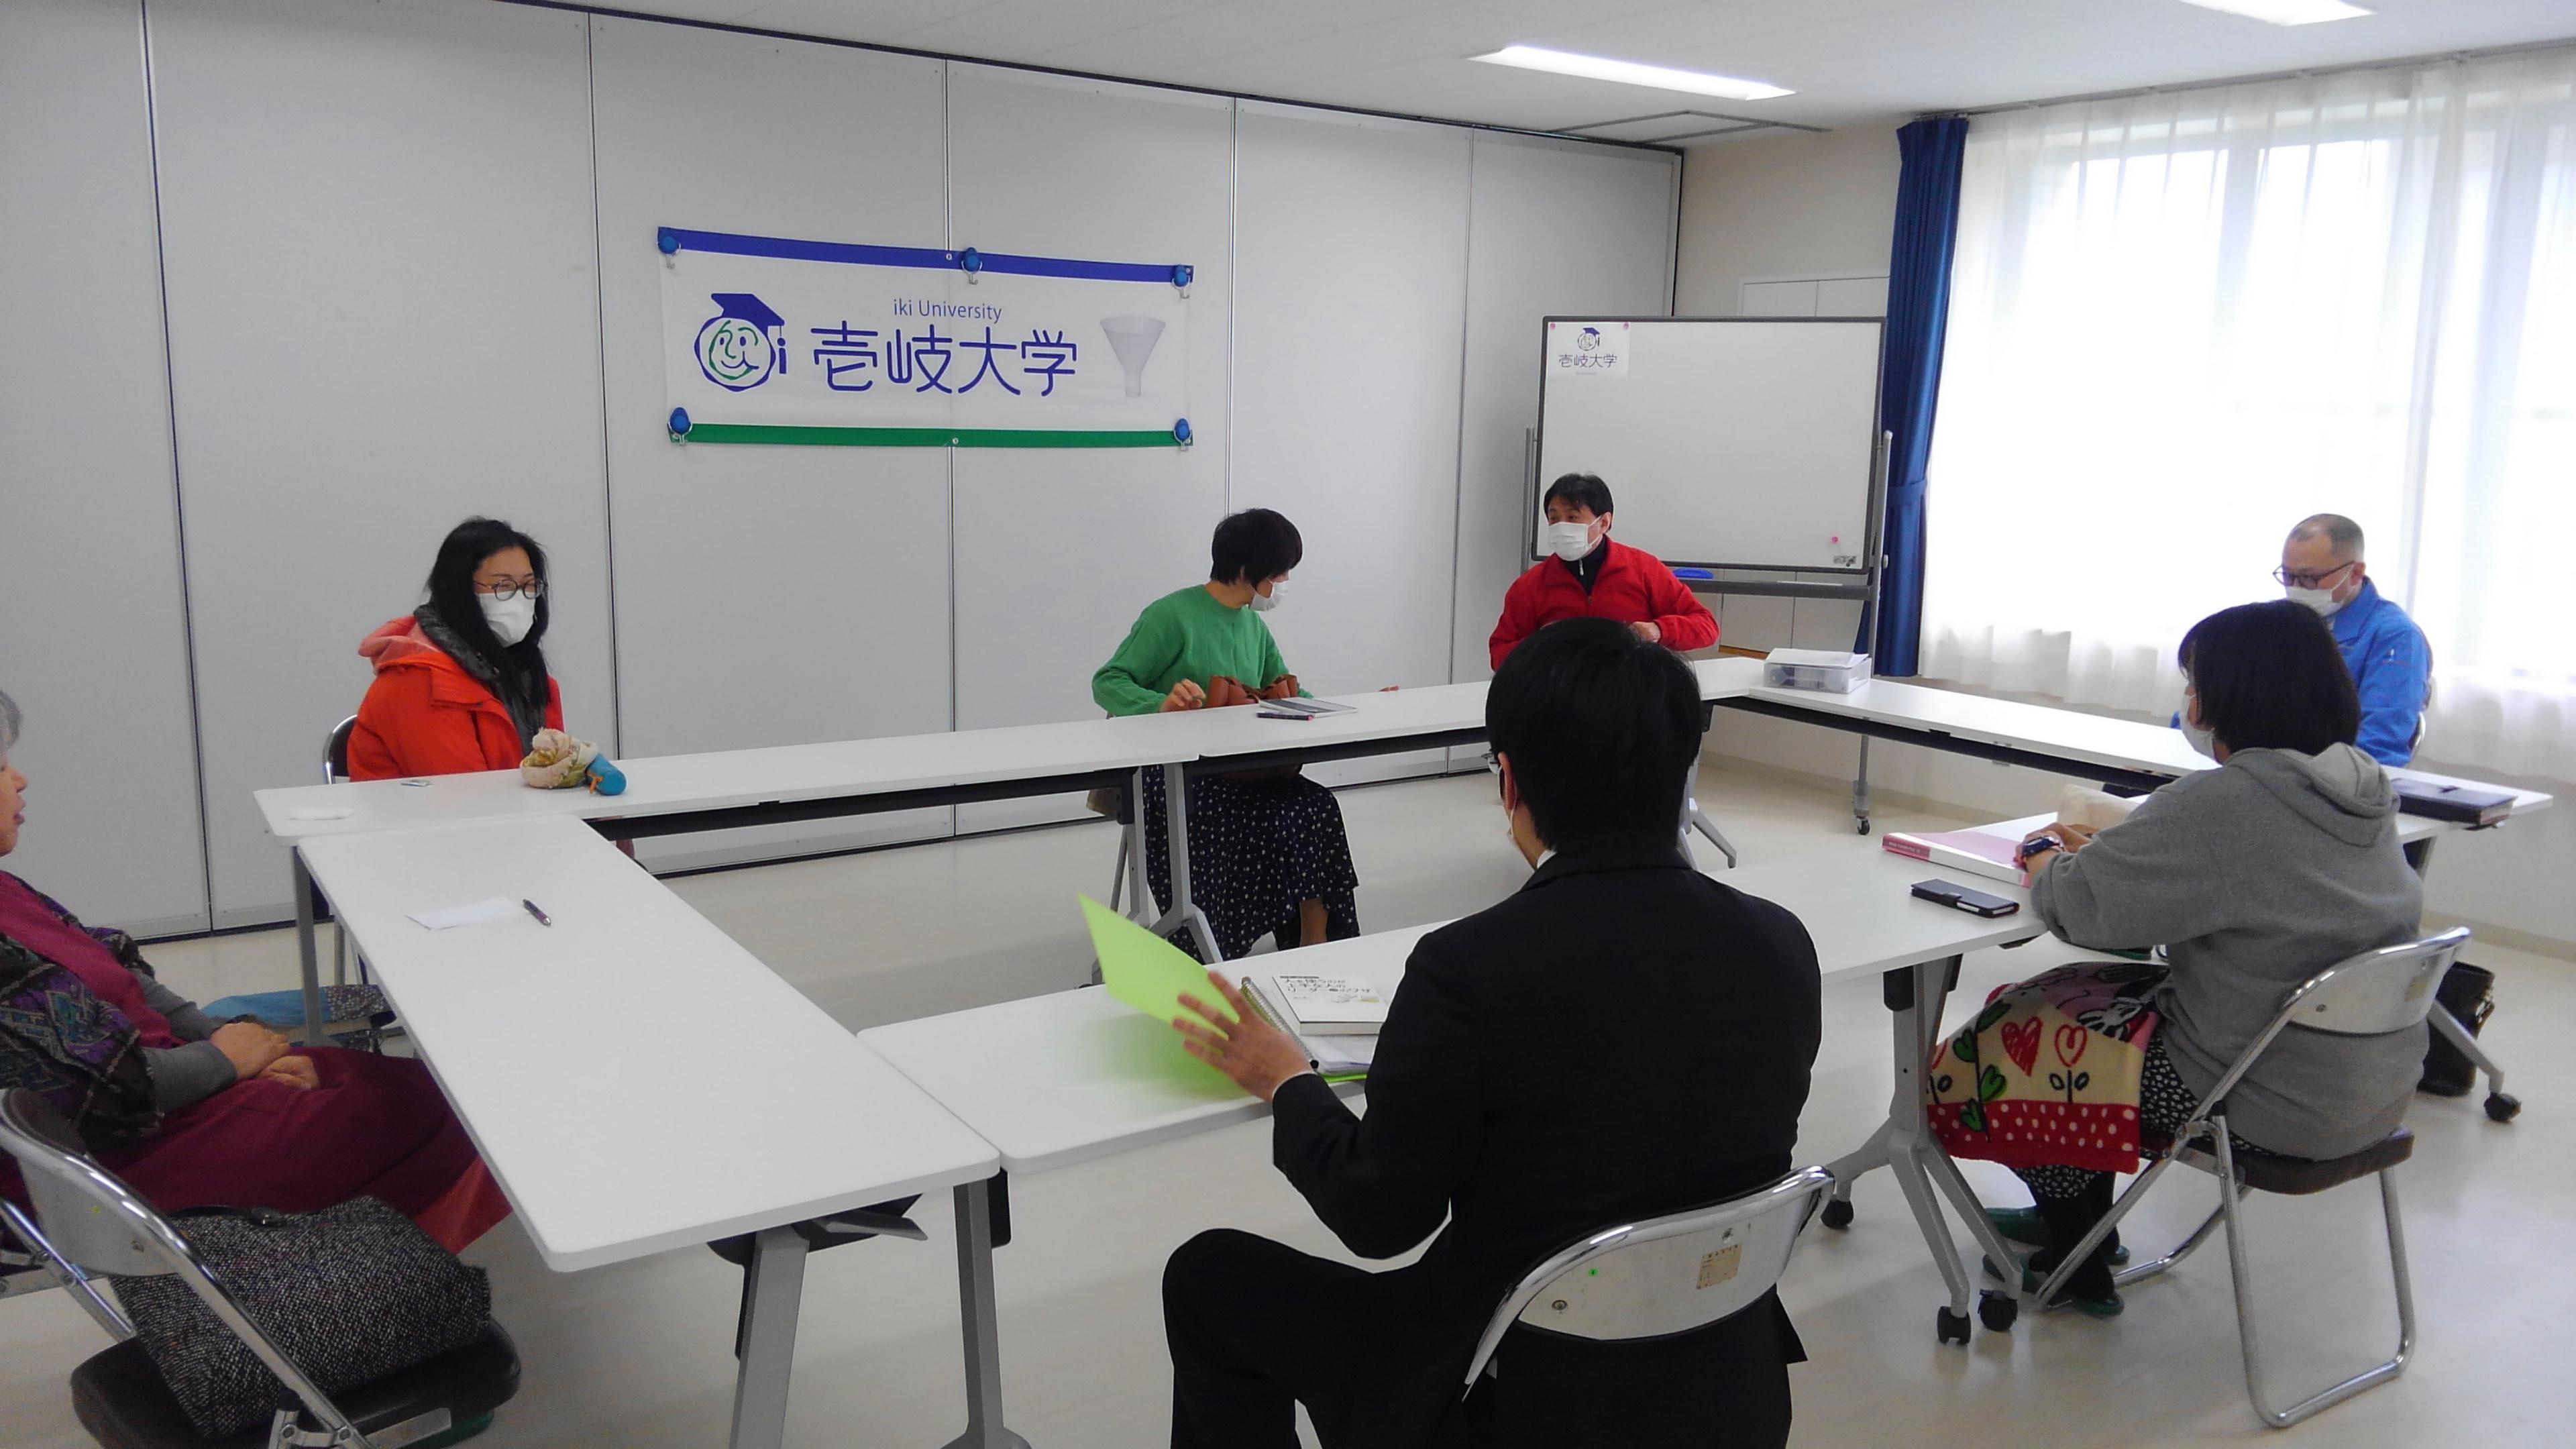 壱岐大学 リーダーシップ フォロワーシップ